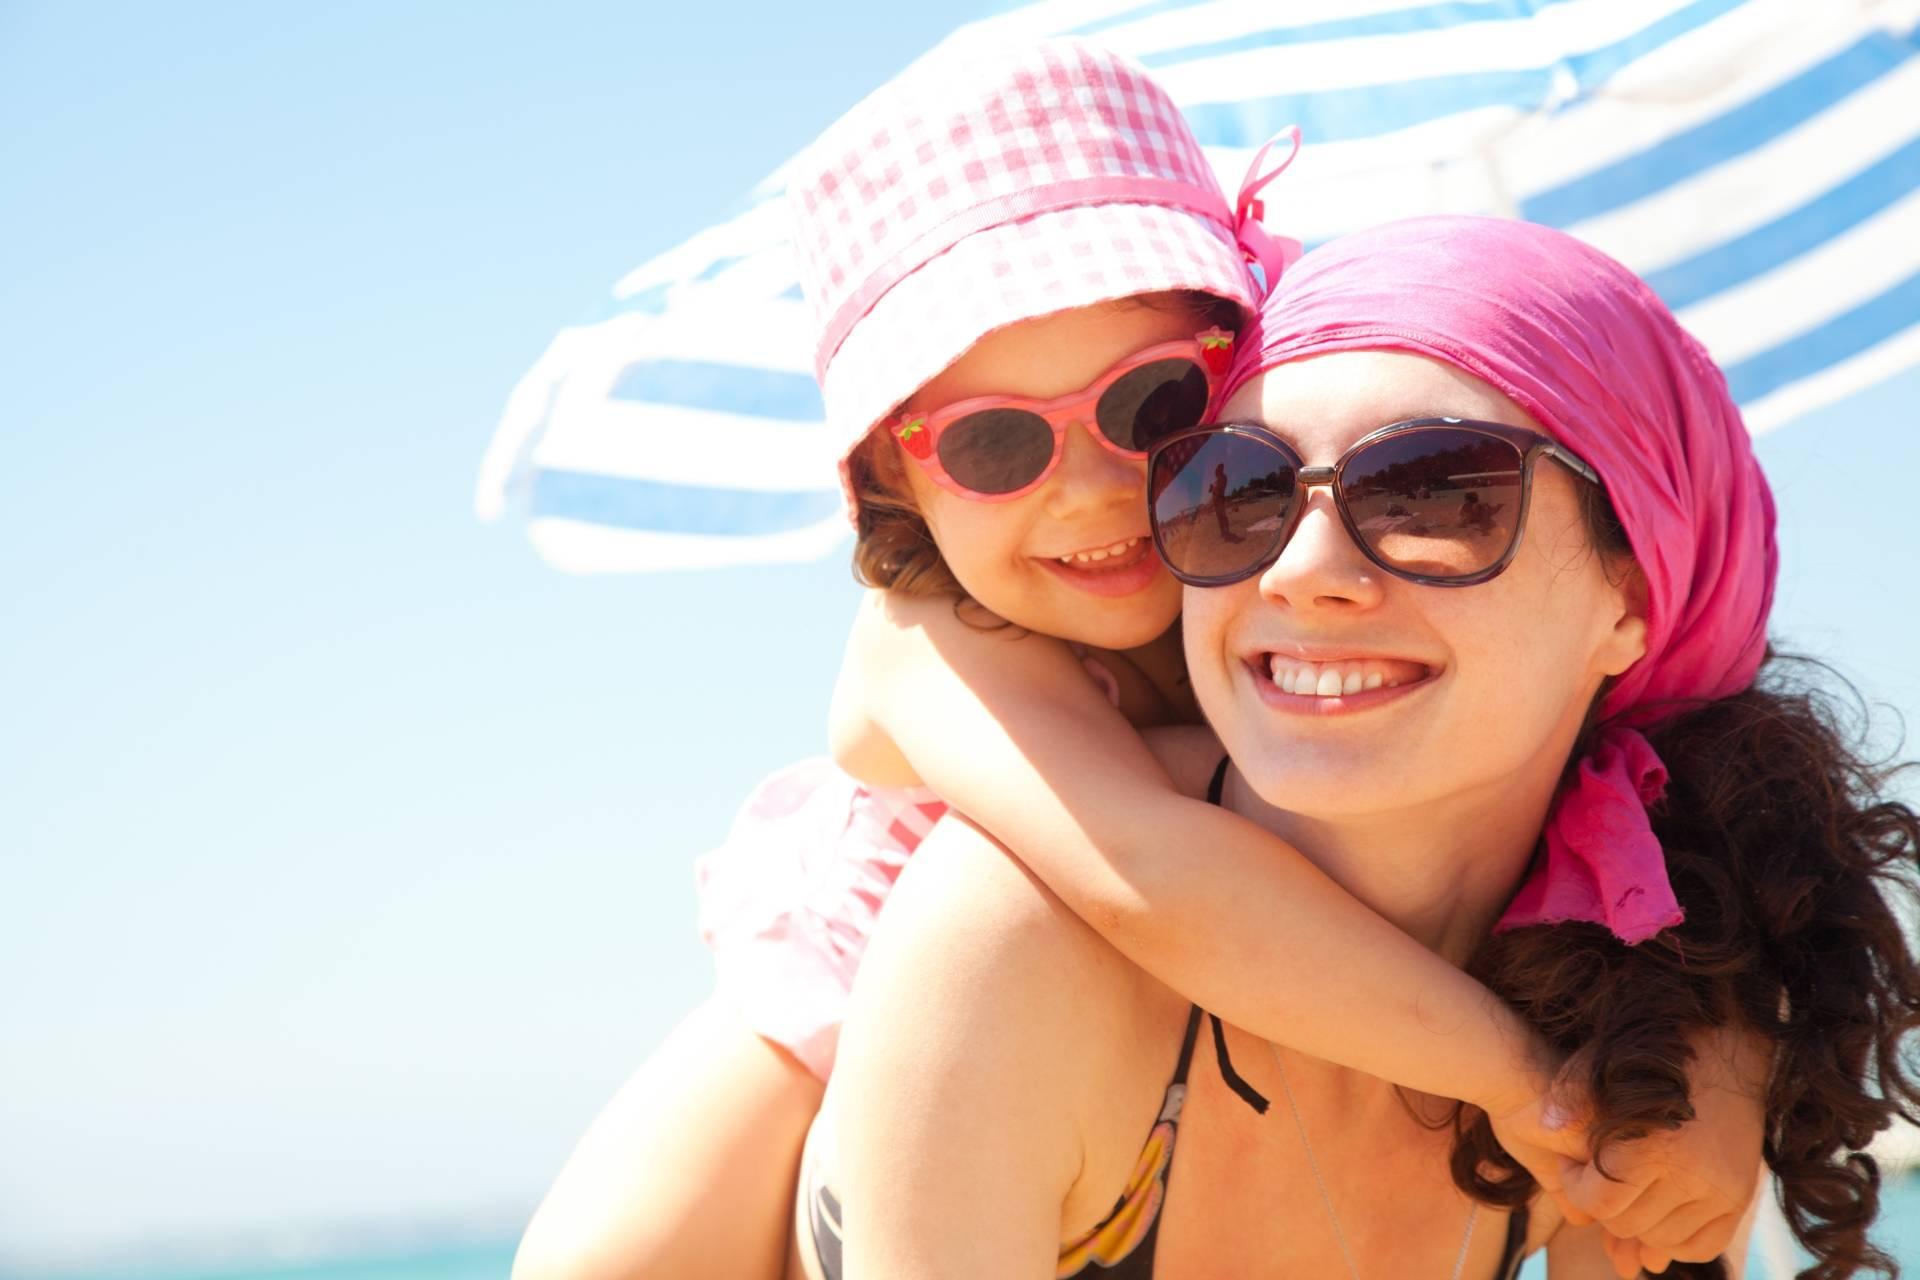 Dziewczynka przytula się do mamy na plaży. Udar słoneczny u dzieci - jak chronić i jak zareagować?